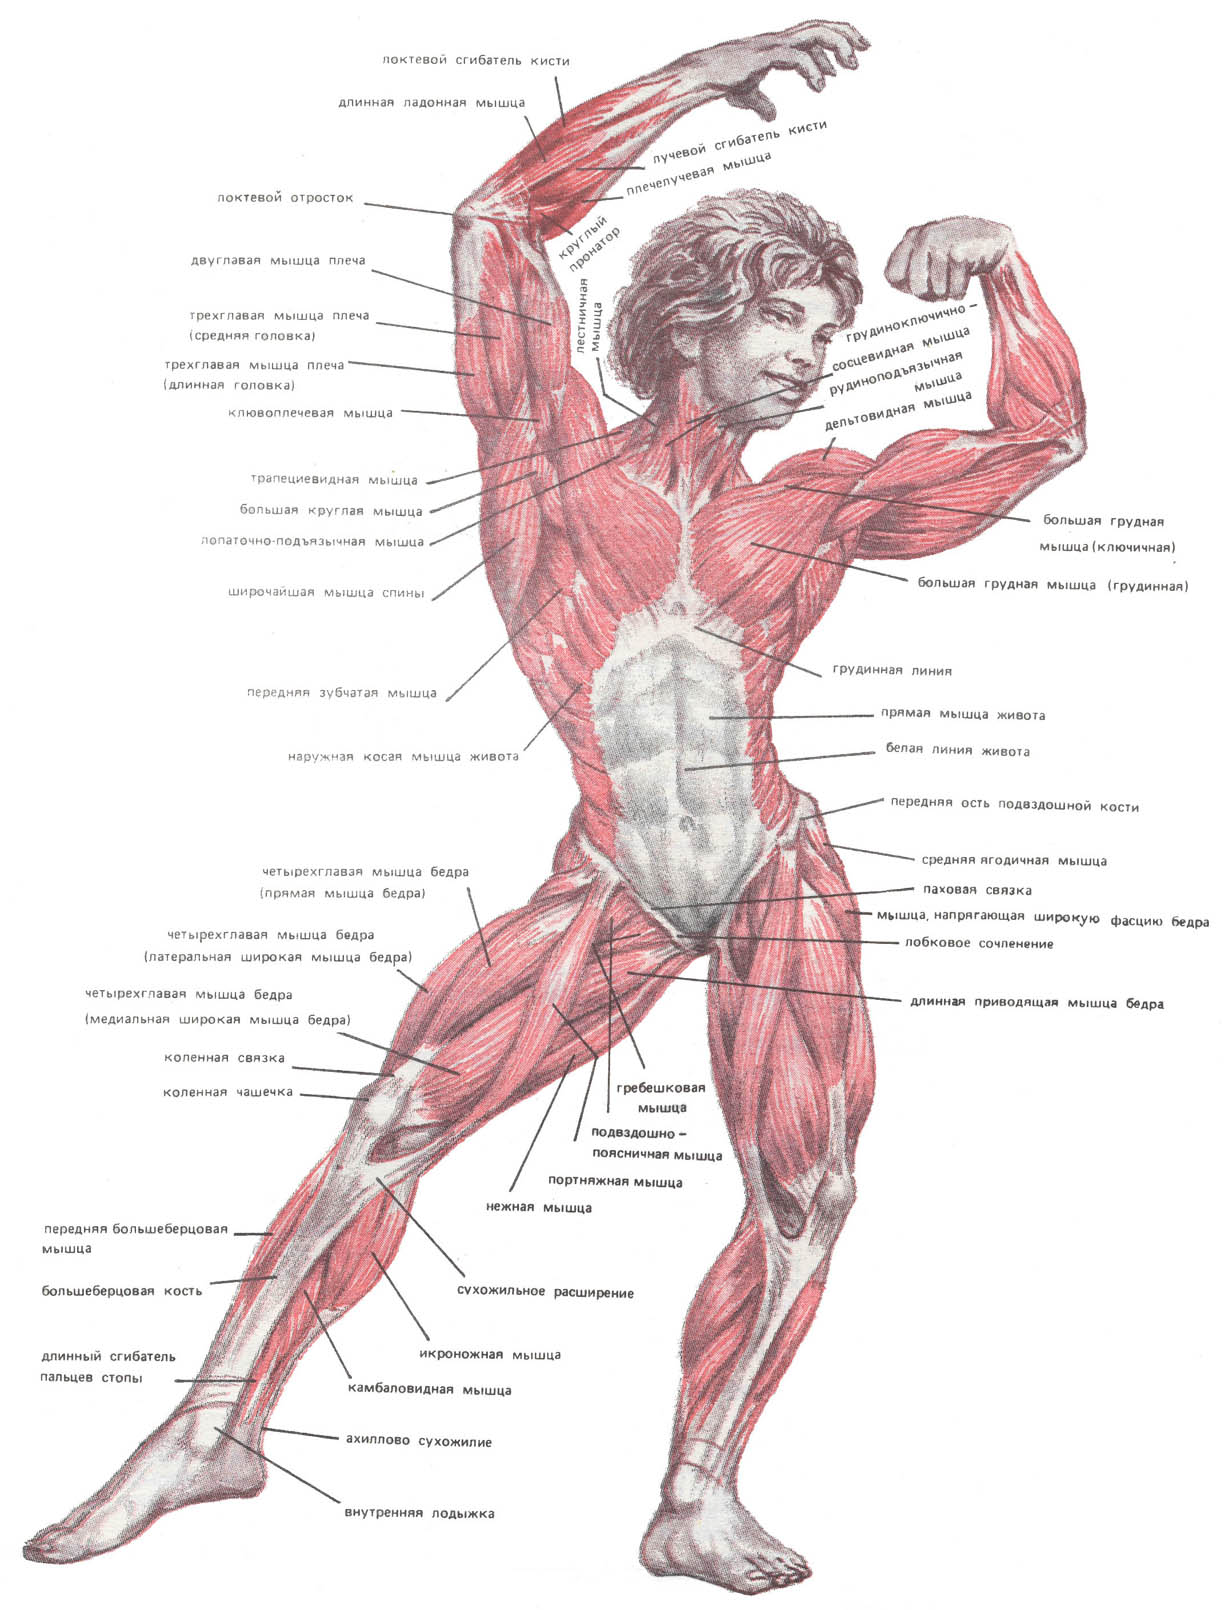 Мышцы человека в порно